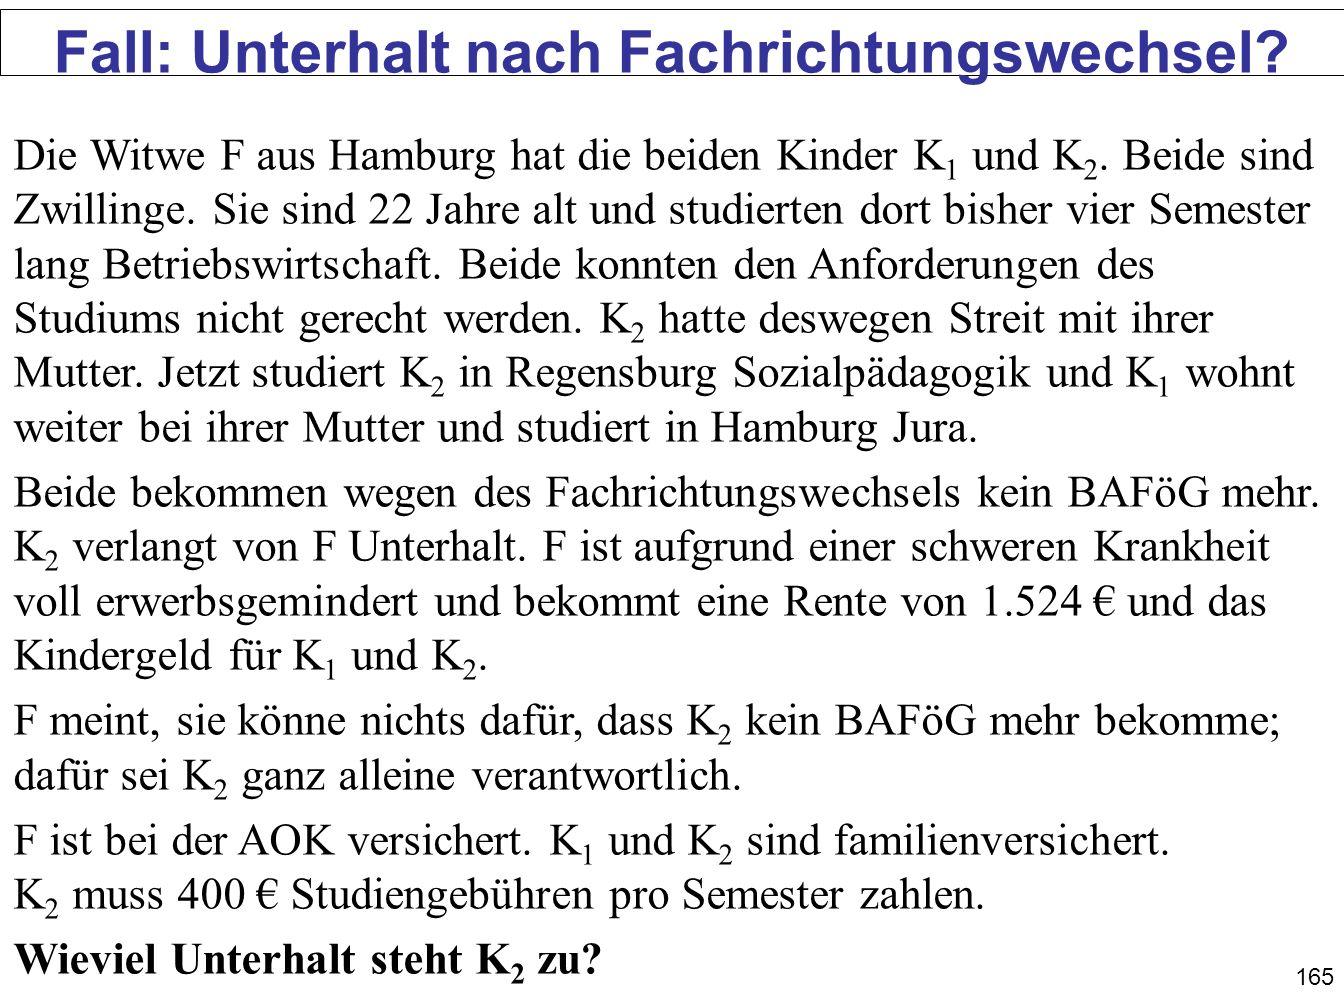 165 Fall: Unterhalt nach Fachrichtungswechsel? Die Witwe F aus Hamburg hat die beiden Kinder K 1 und K 2. Beide sind Zwillinge. Sie sind 22 Jahre alt